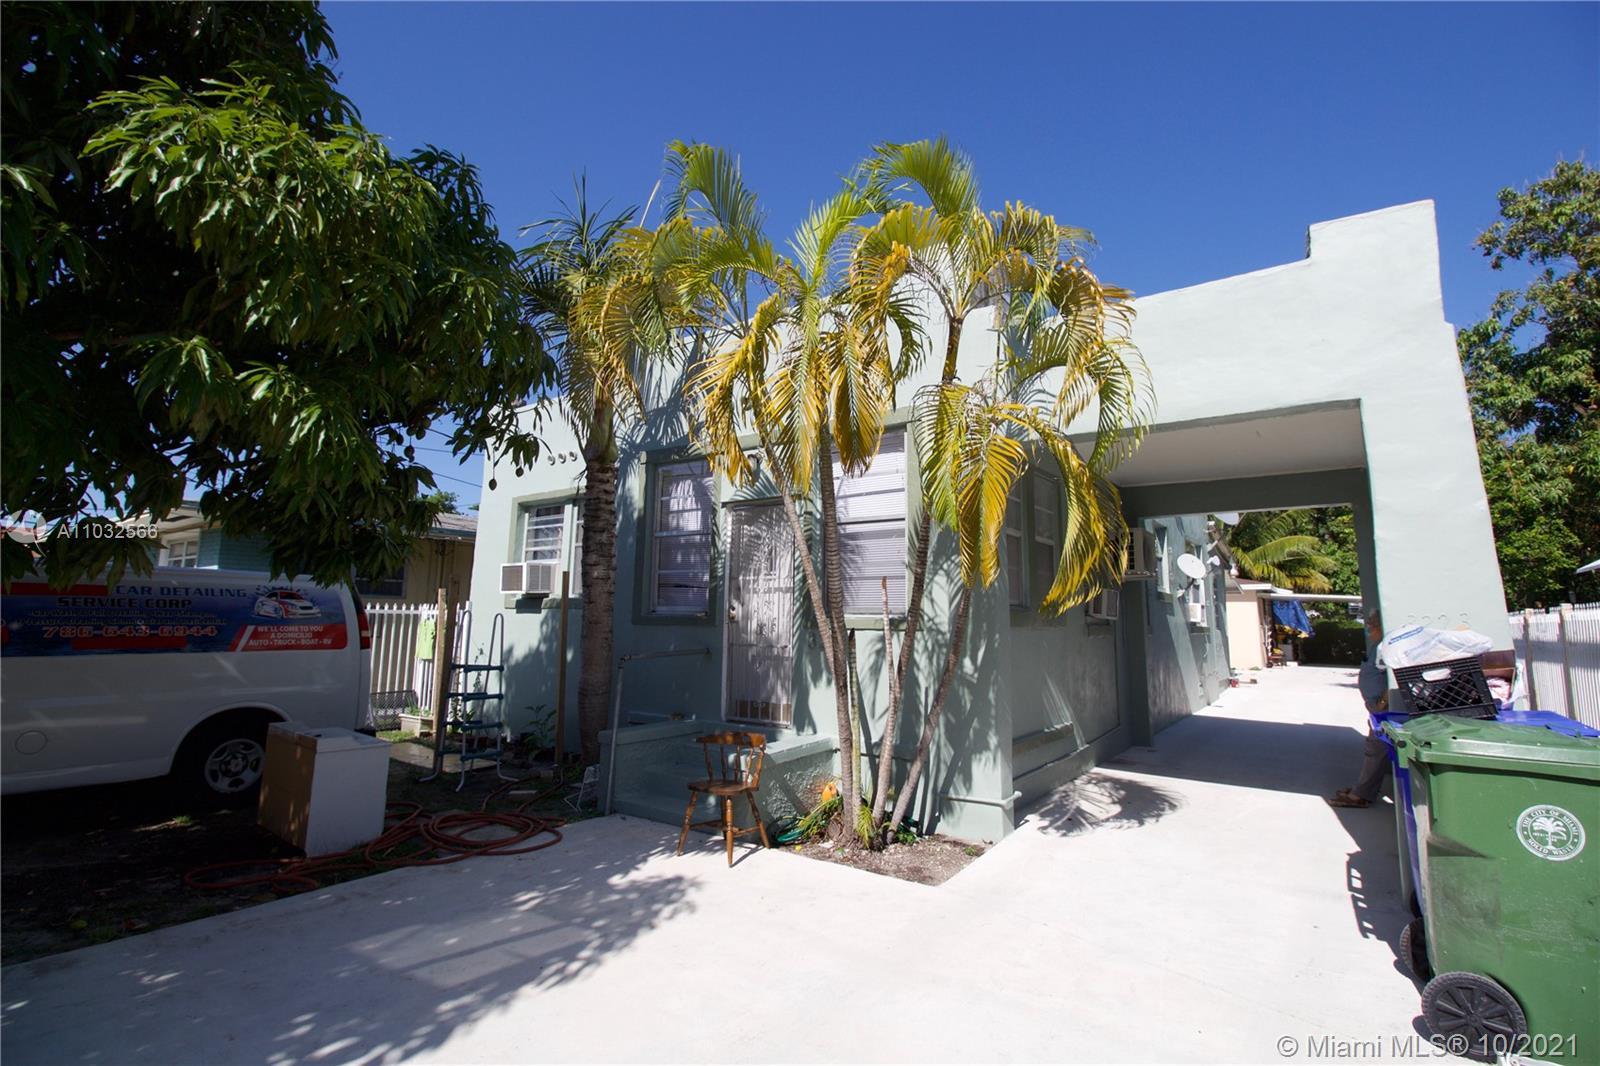 Allapattah - 3221 NW 11, Miami, FL 33127